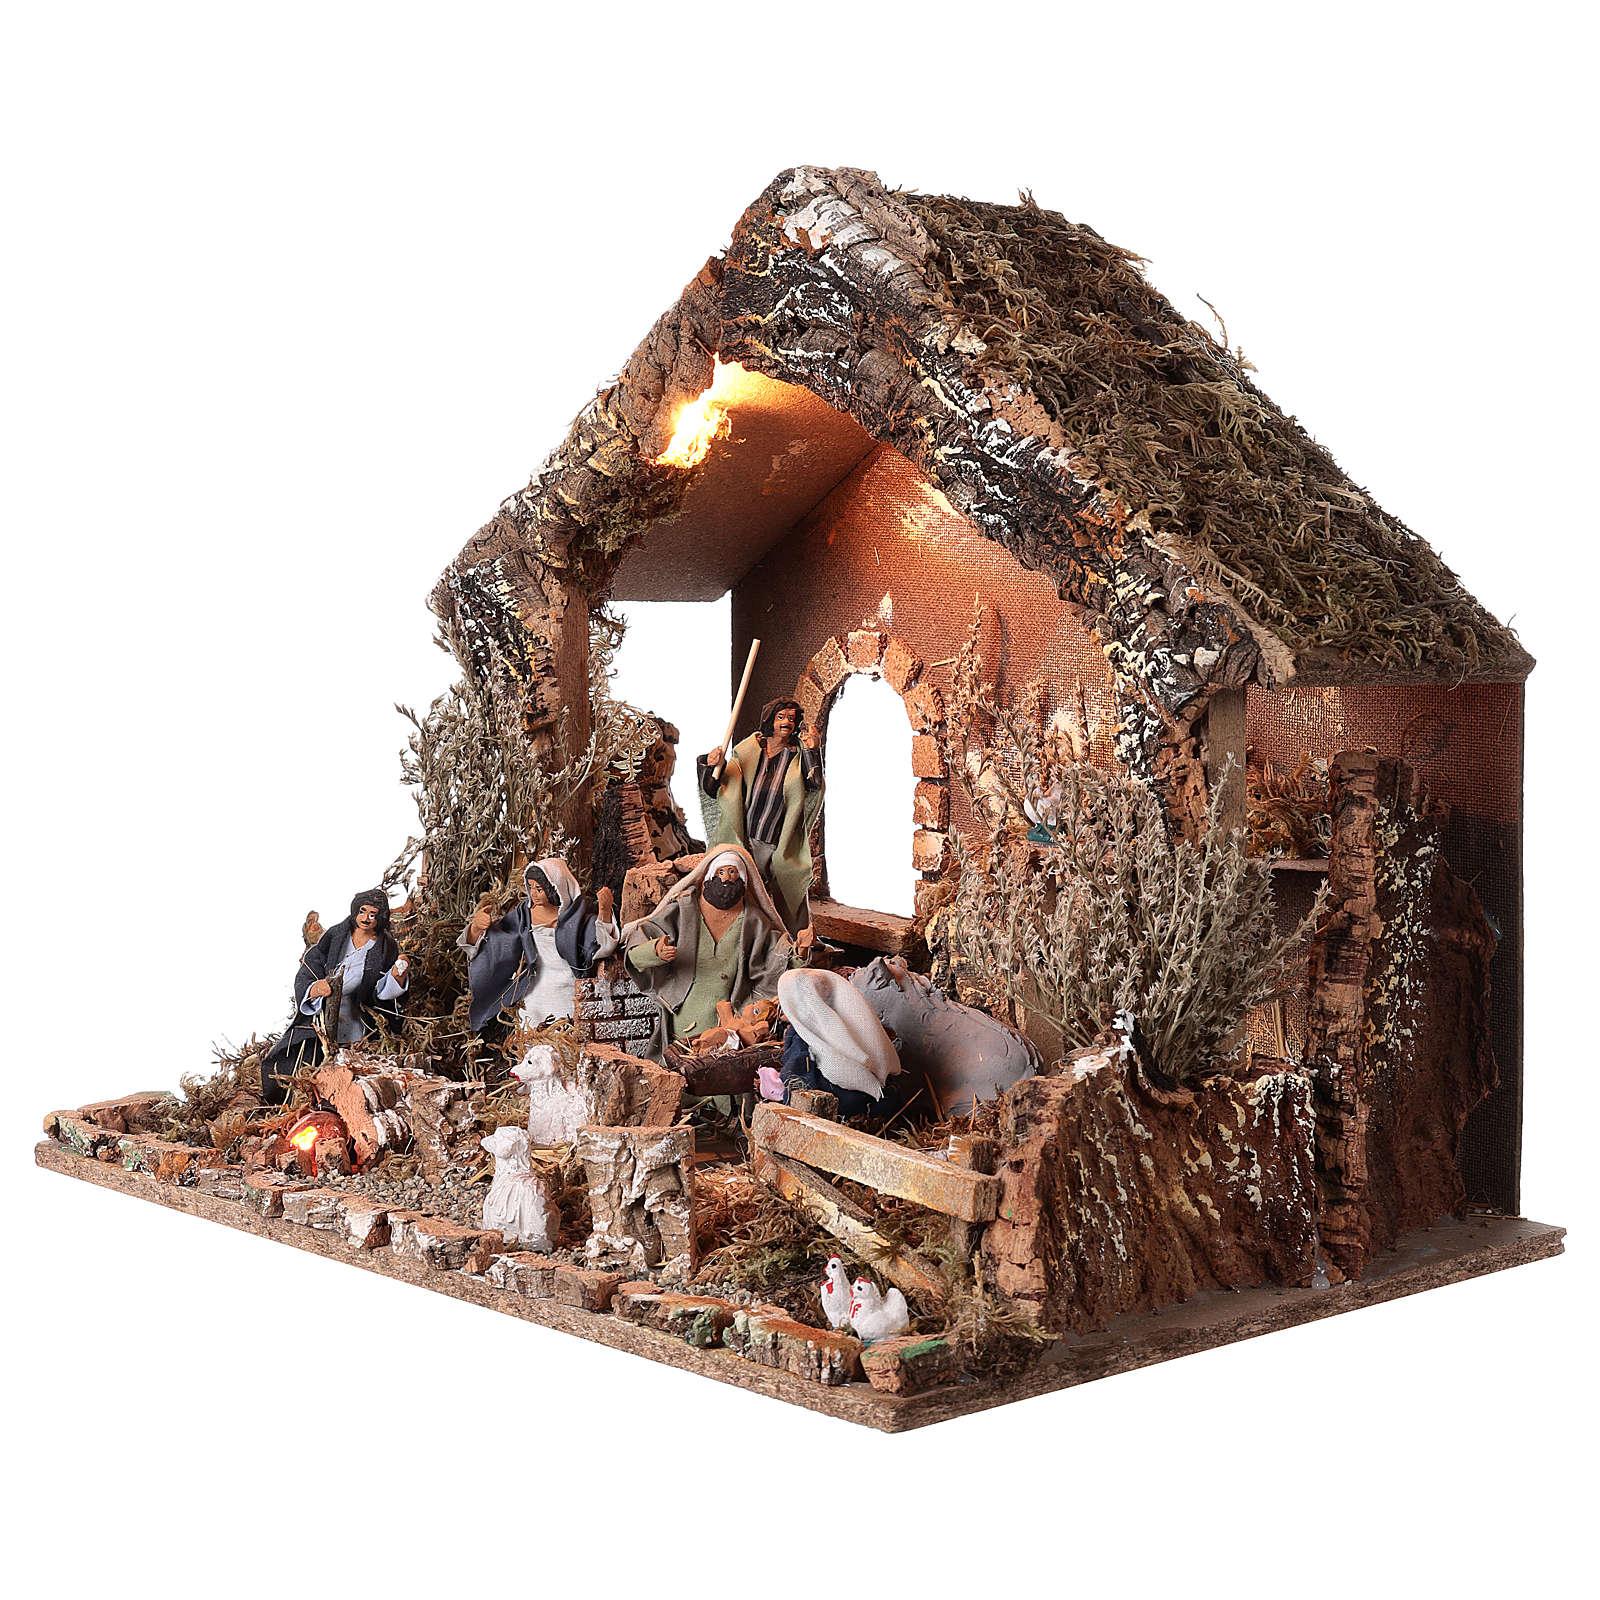 Chata do szopki 6x57x38cm święta Rodzina w ruchu 15cm oświetlenie 4